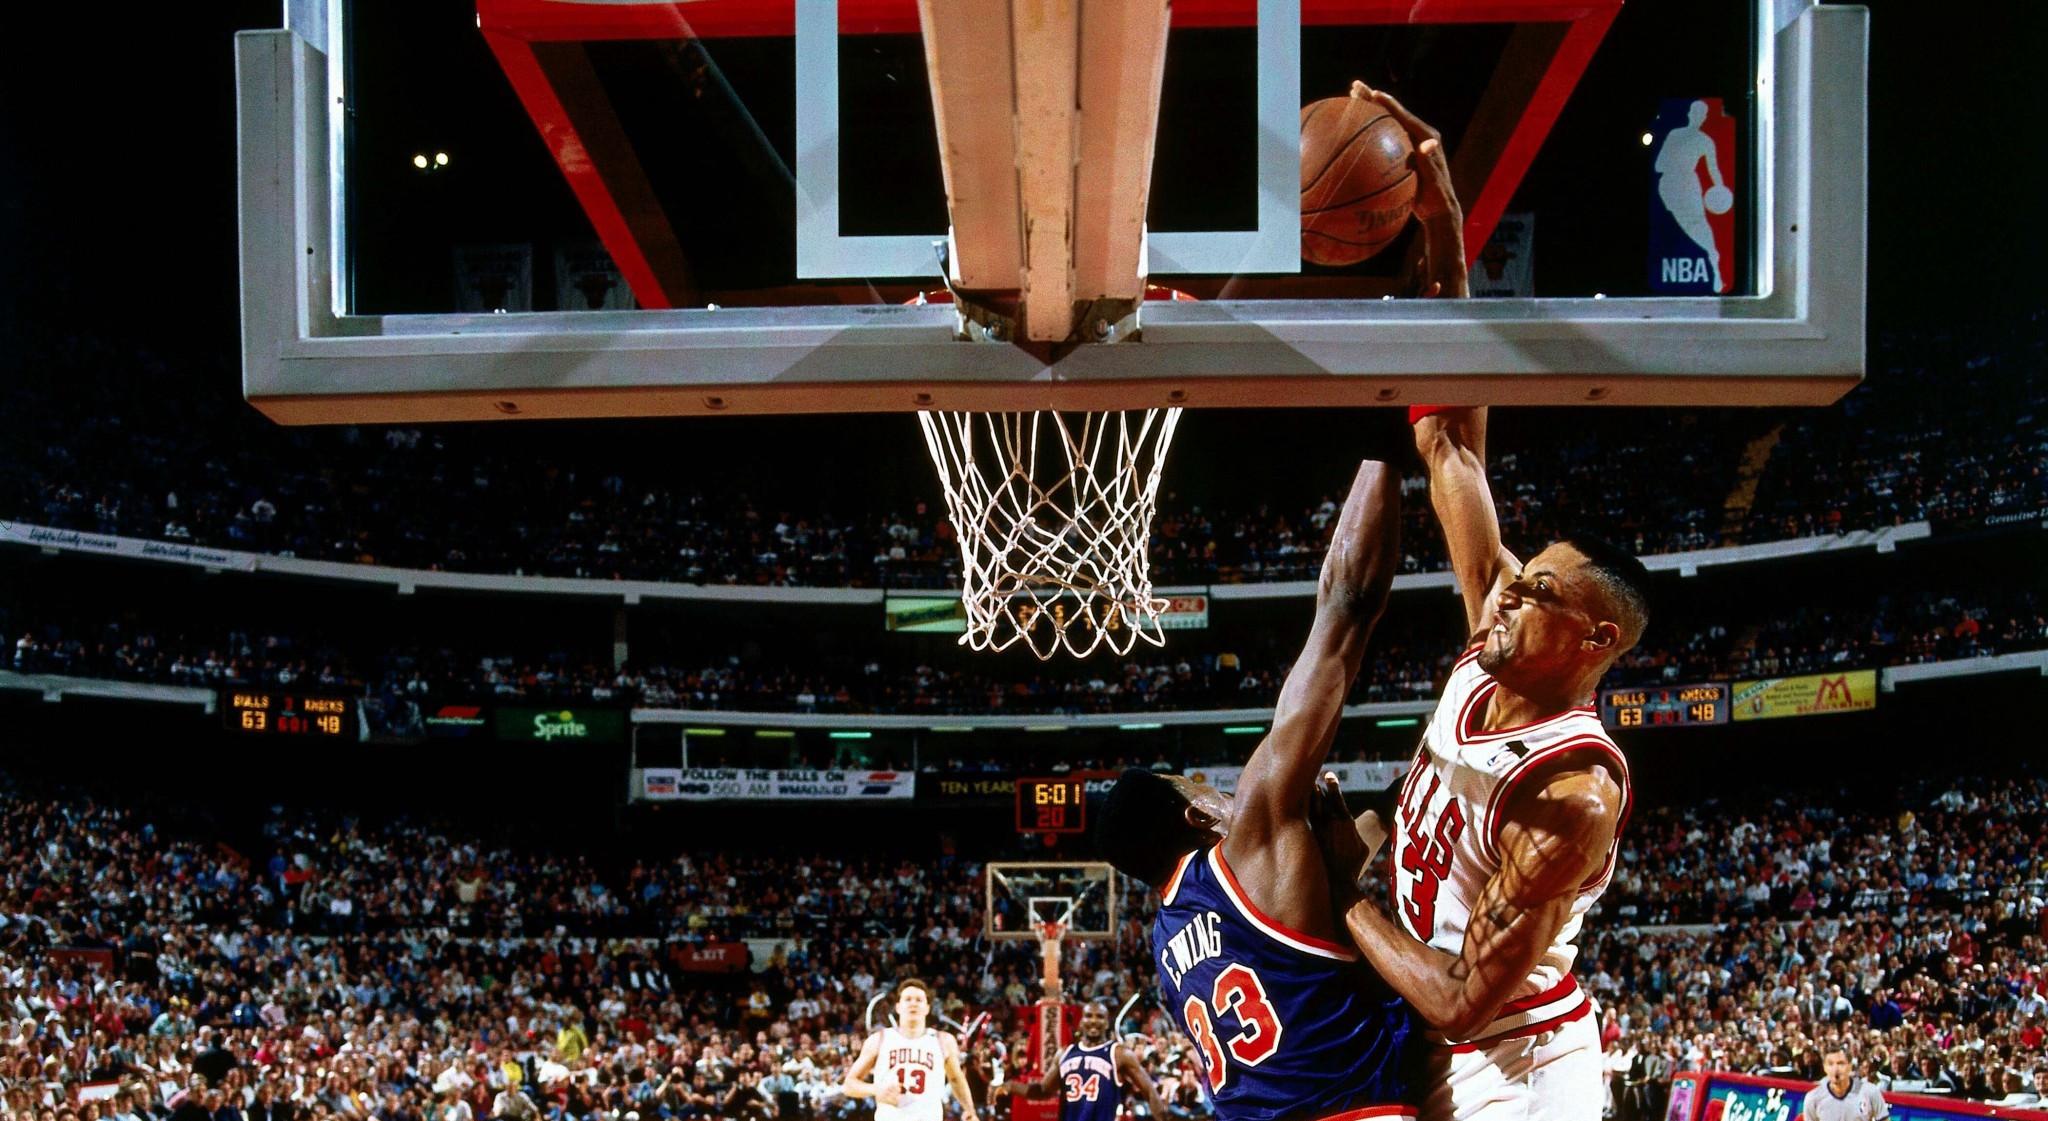 Quand Scottie Pippen posait un dunk monstrueux sur Patrick Ewing